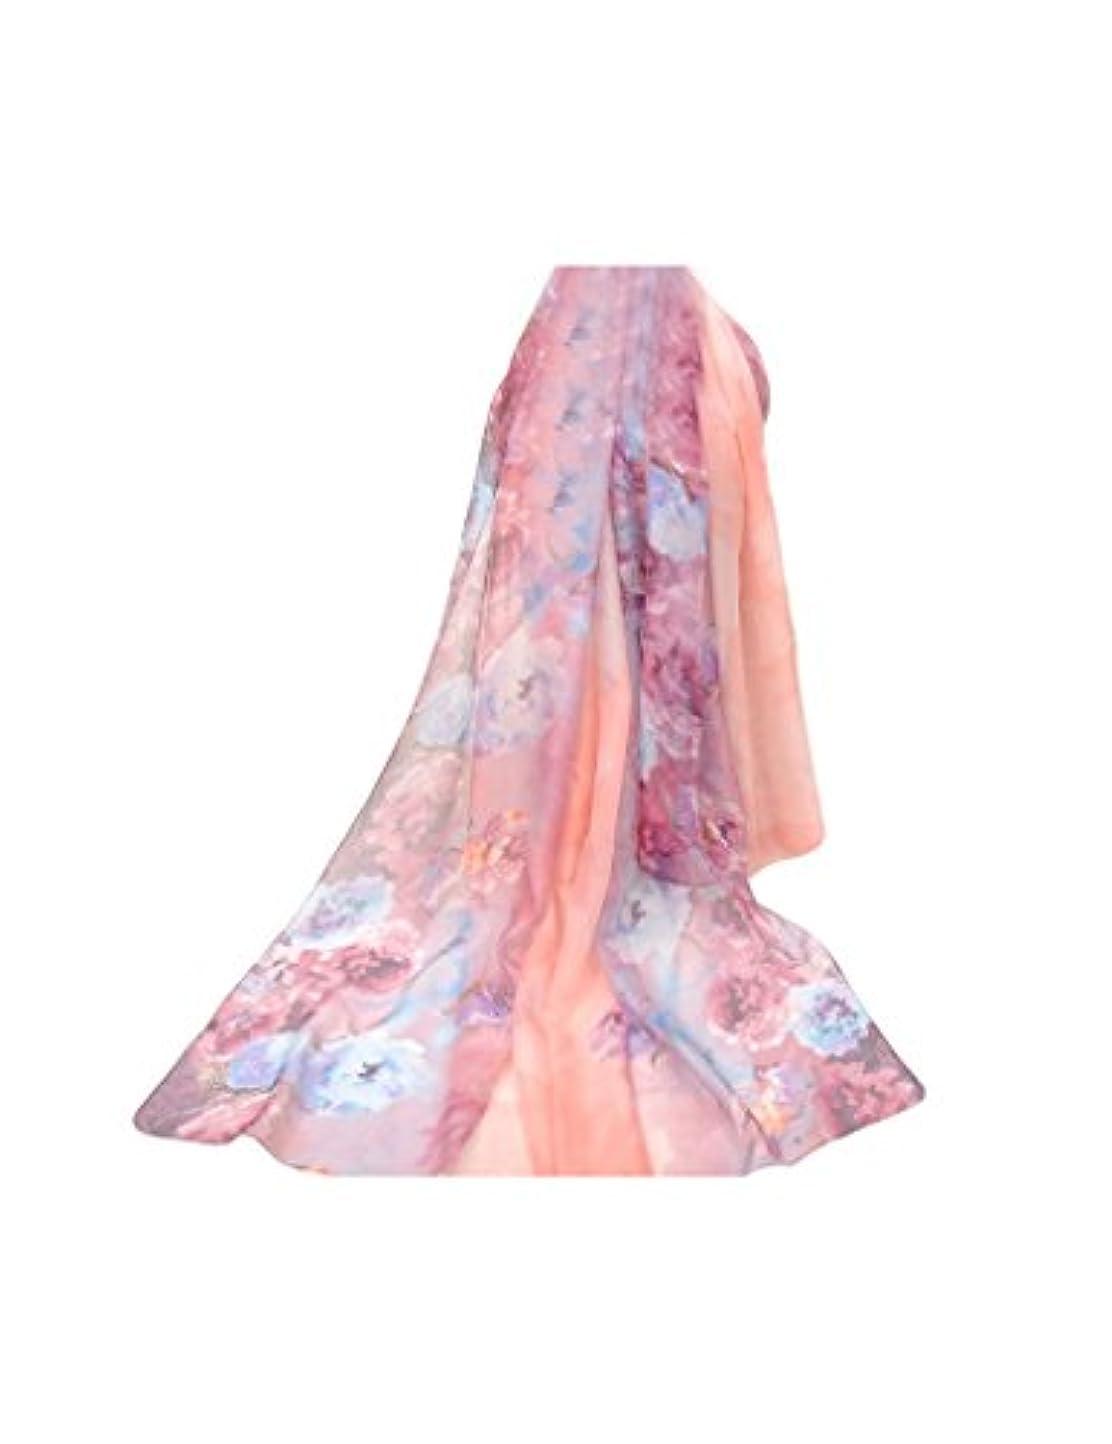 内向き無視するペーストビエスディディ レディース フェイクシルク 花柄 防寒 ロング スカーフ